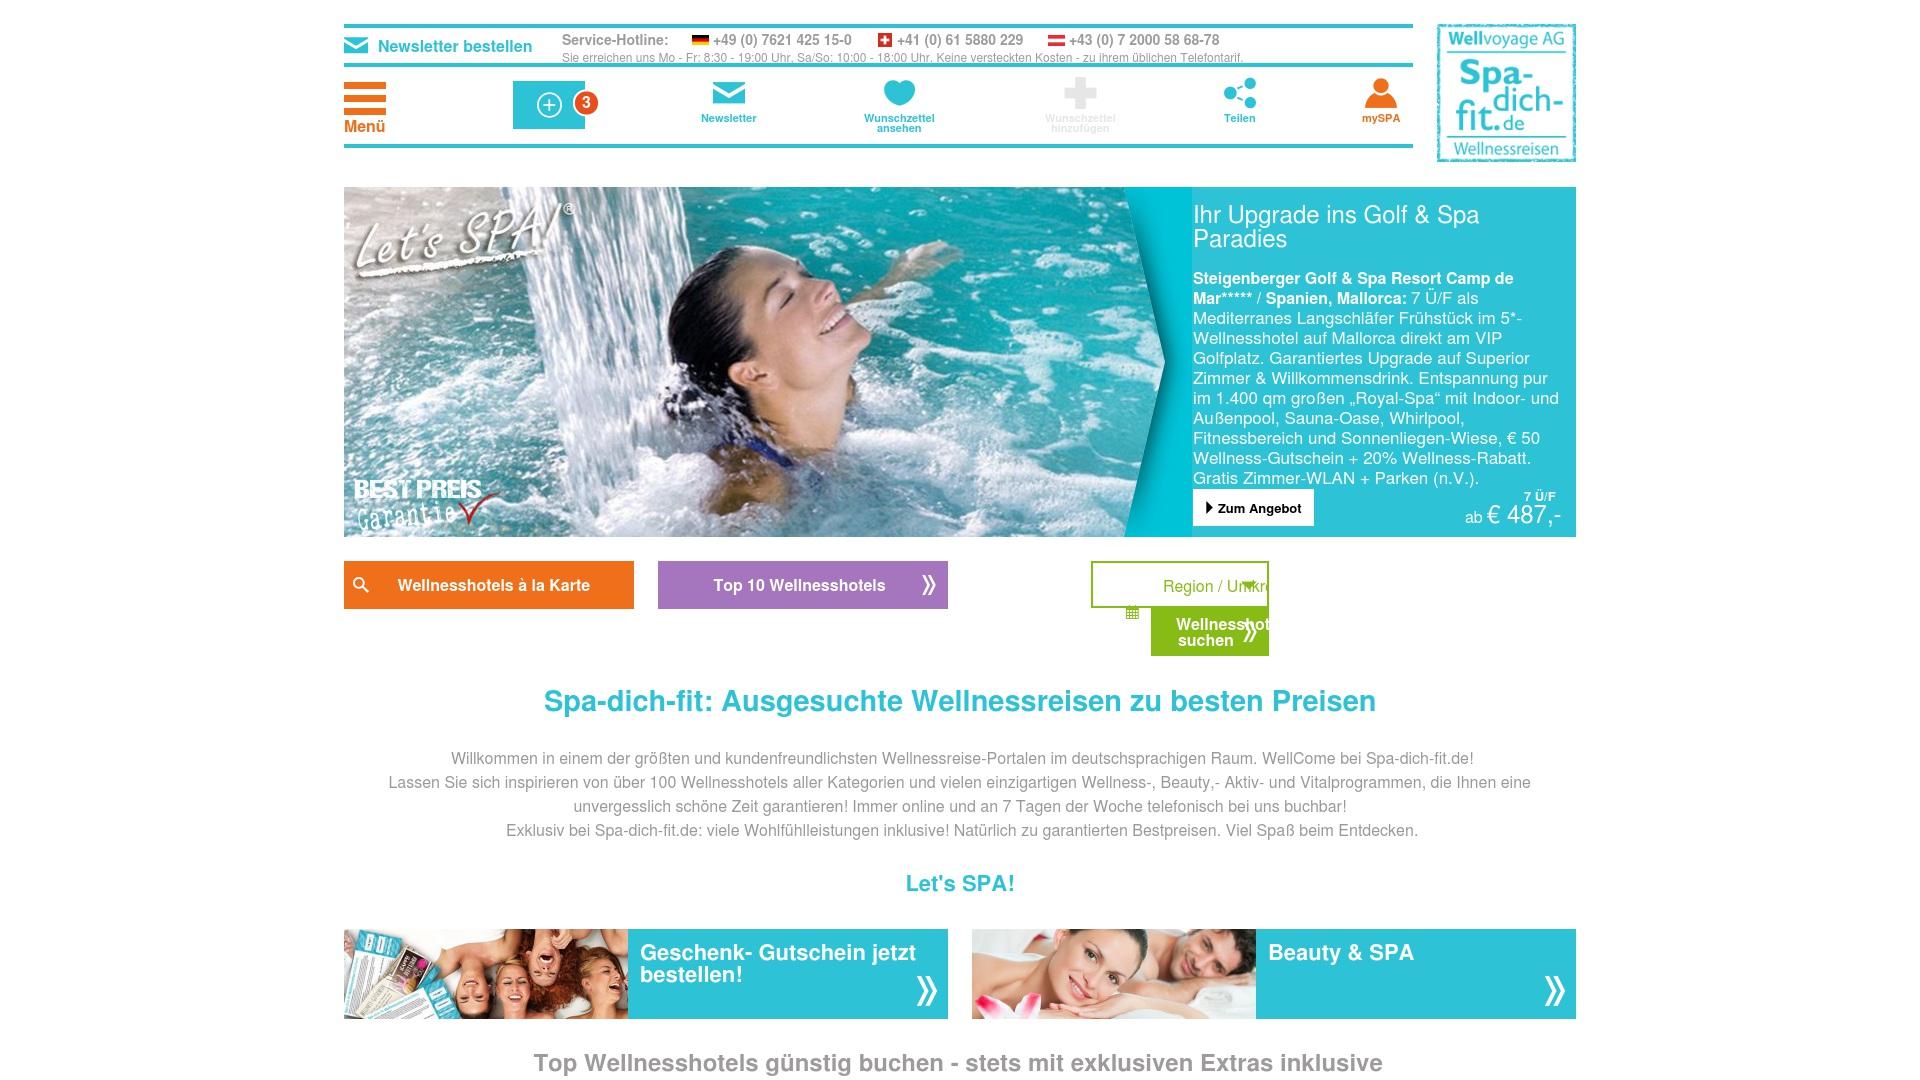 Gutschein für Spa-dich-fit: Rabatte für  Spa-dich-fit sichern